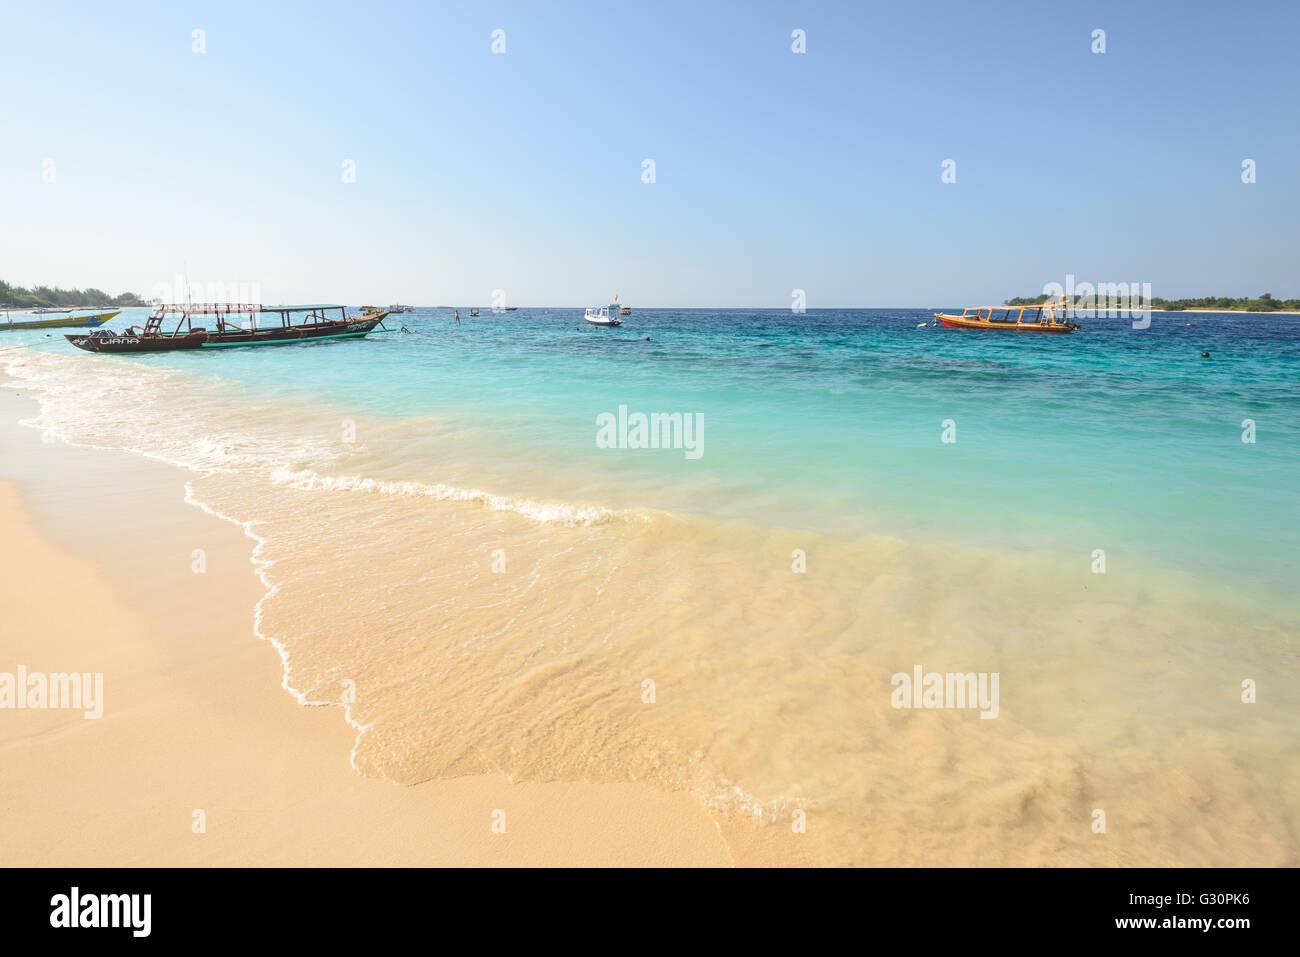 Los barcos anclados Gili Trawangan island en Indonesia Imagen De Stock